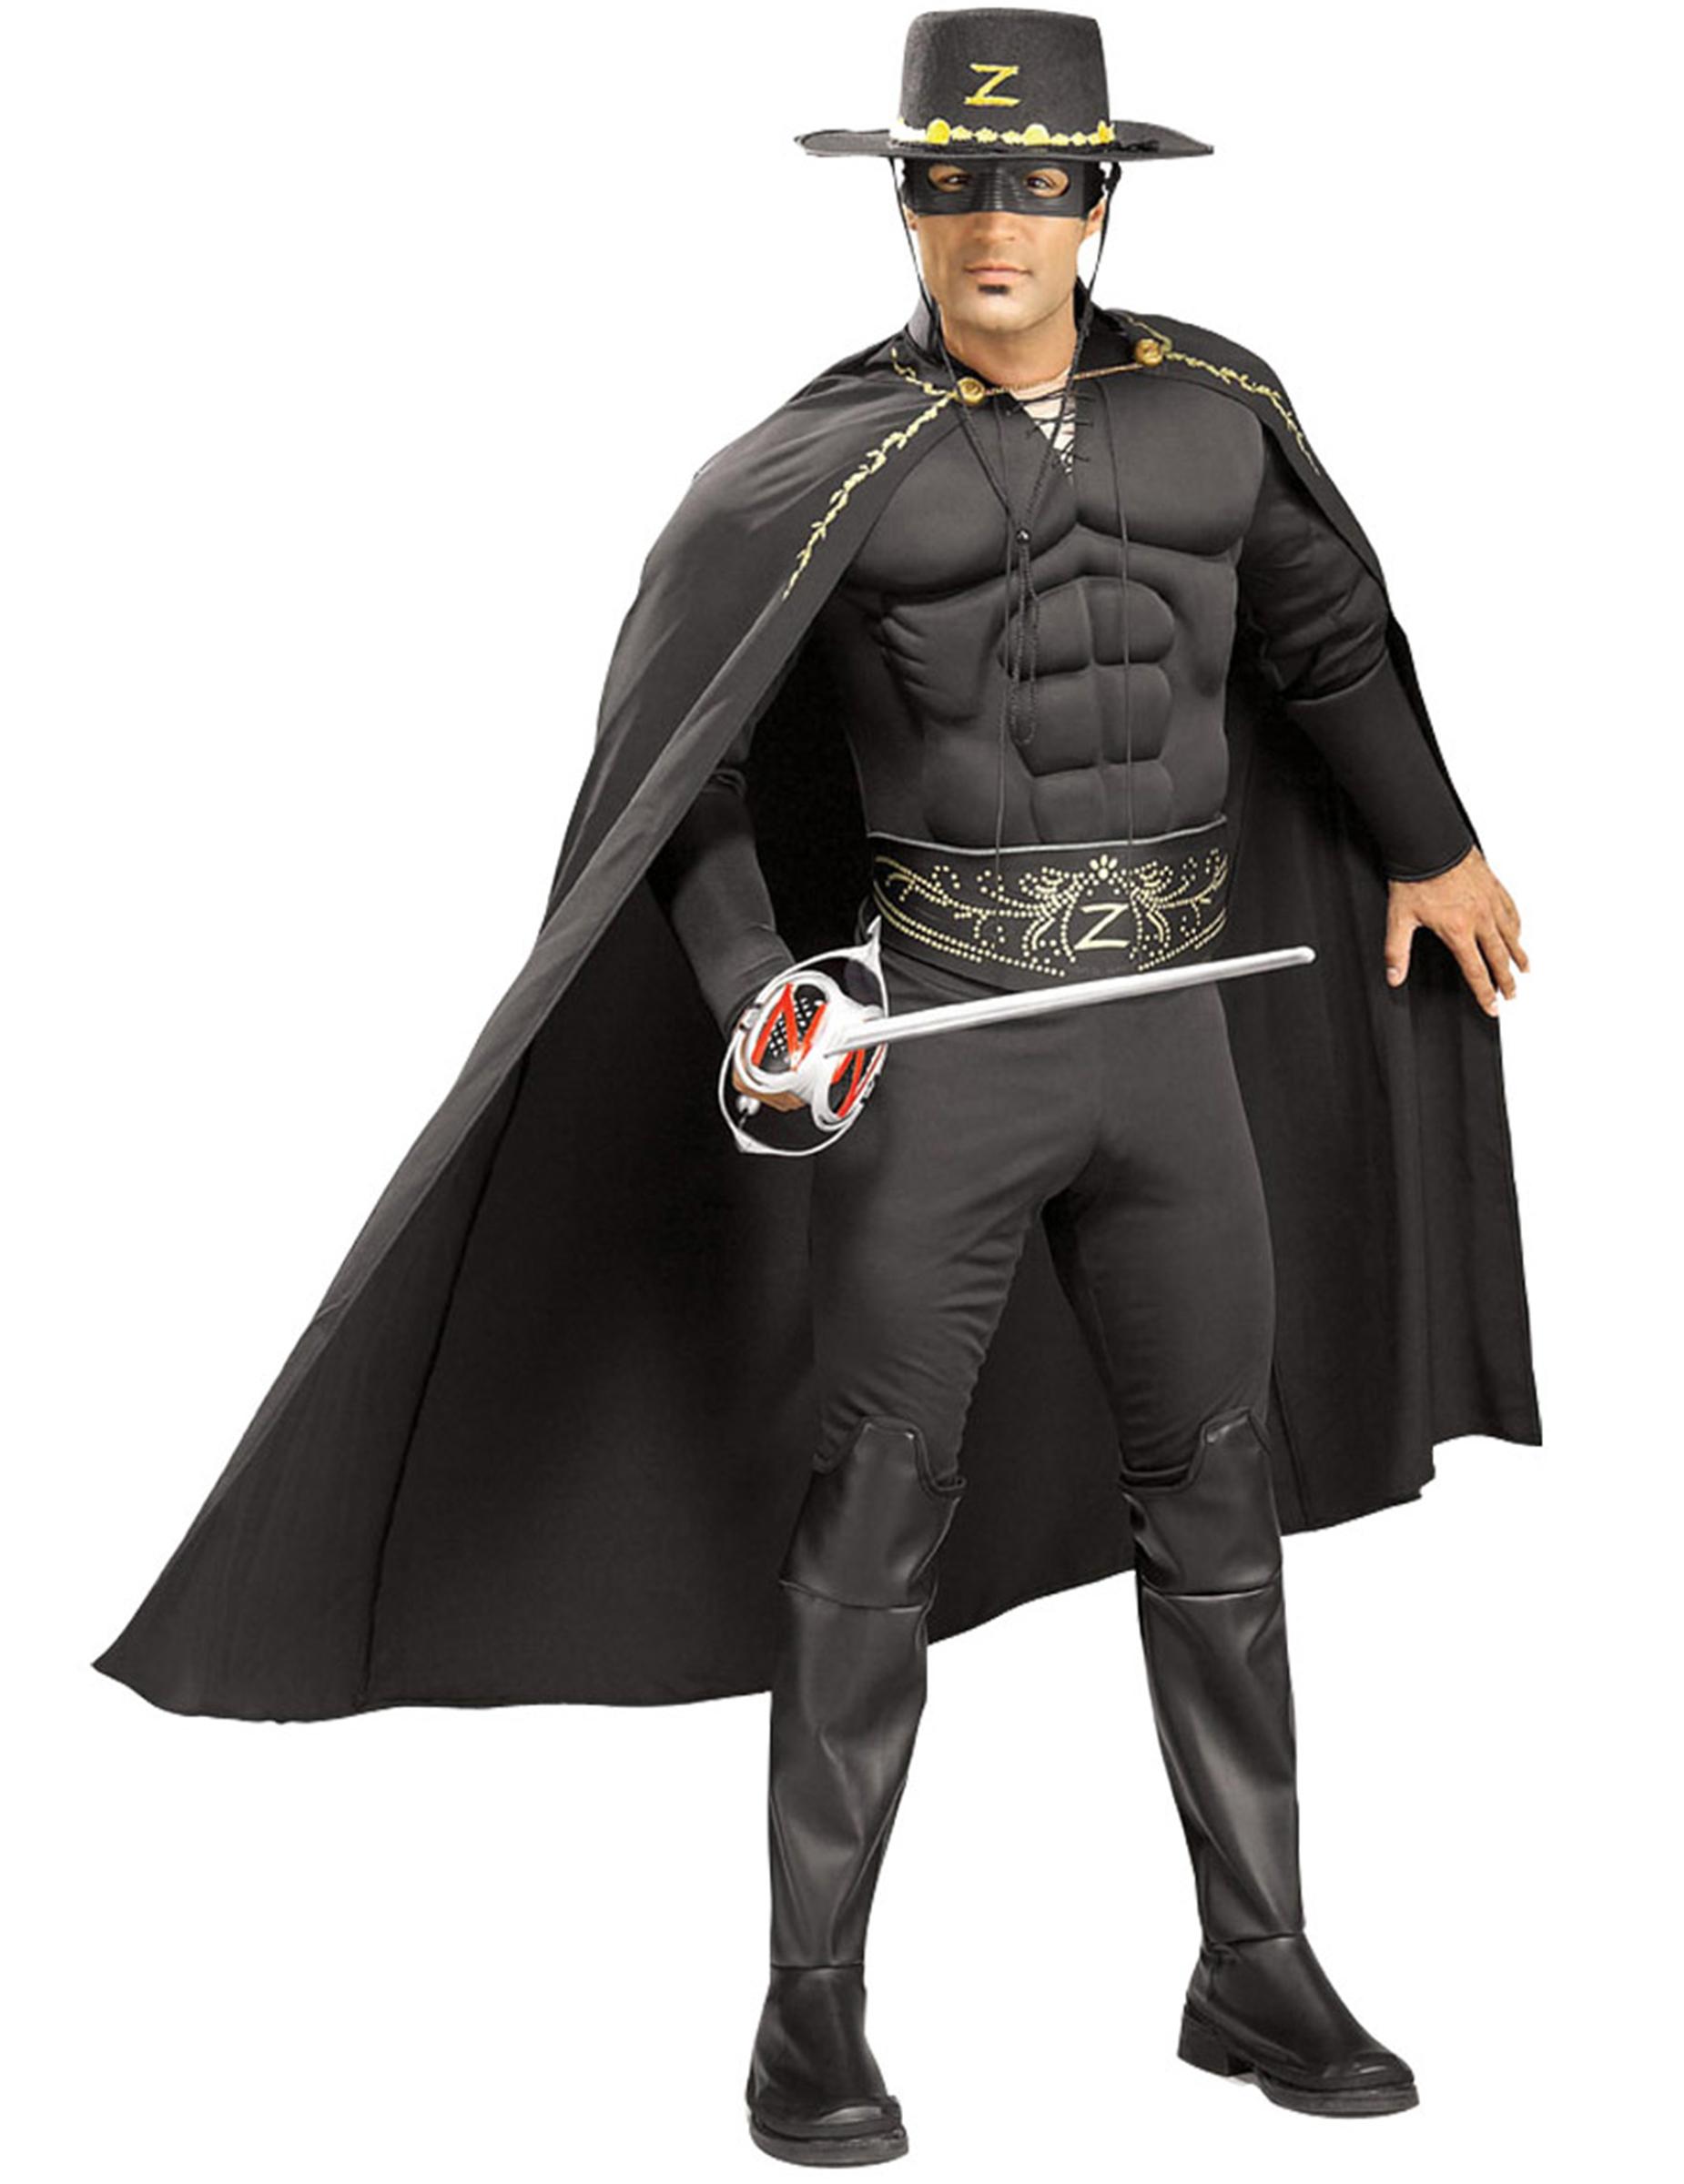 Costume di Zorro™ con muscoli adulto su VegaooParty b7d7b2544a02